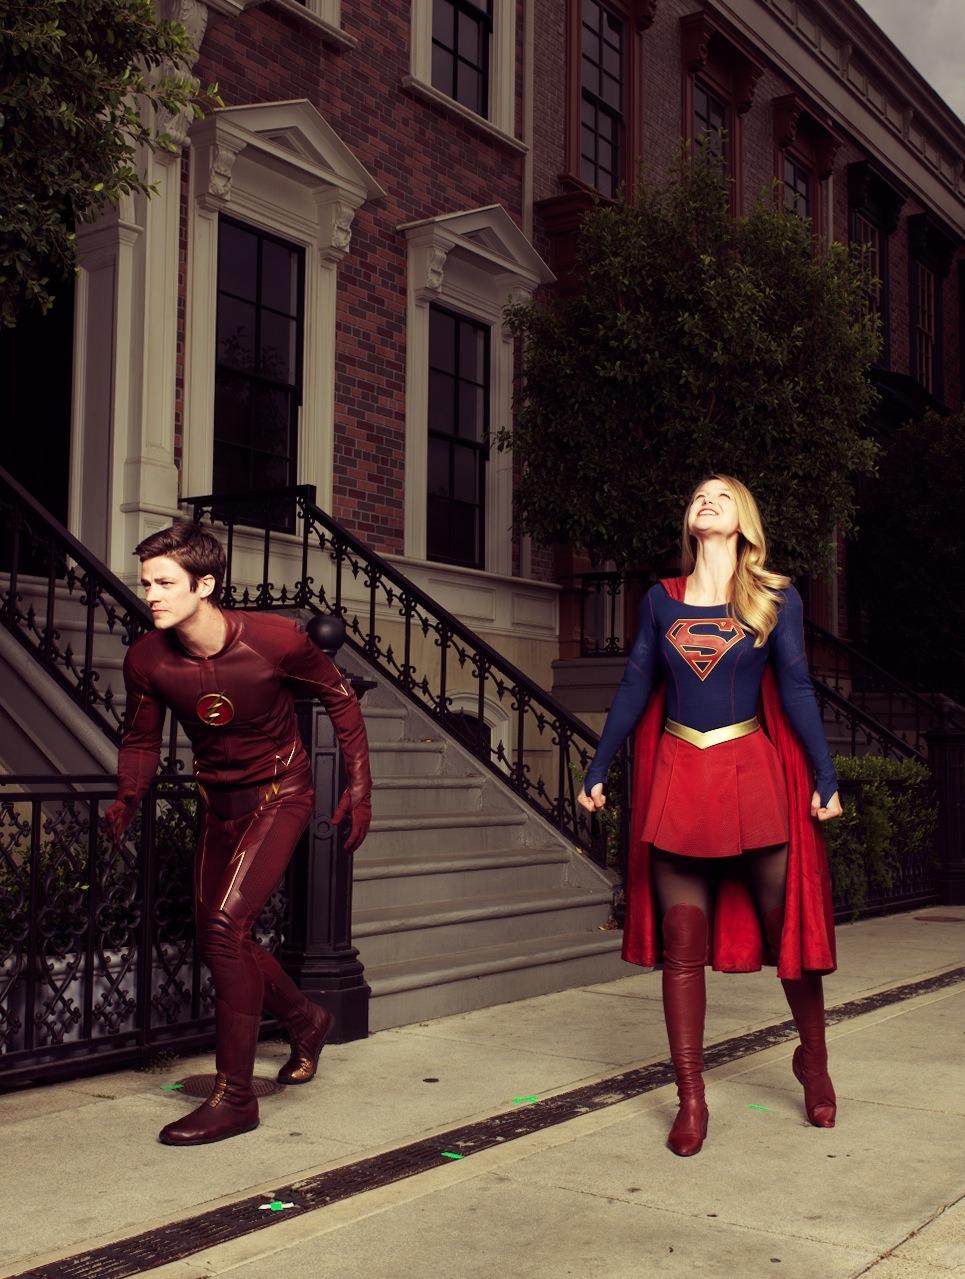 [TV] Supergirl - Irmã da Lois escolhida! - Página 8 Tumblr_nog9qyCXCc1susnhzo4_1280